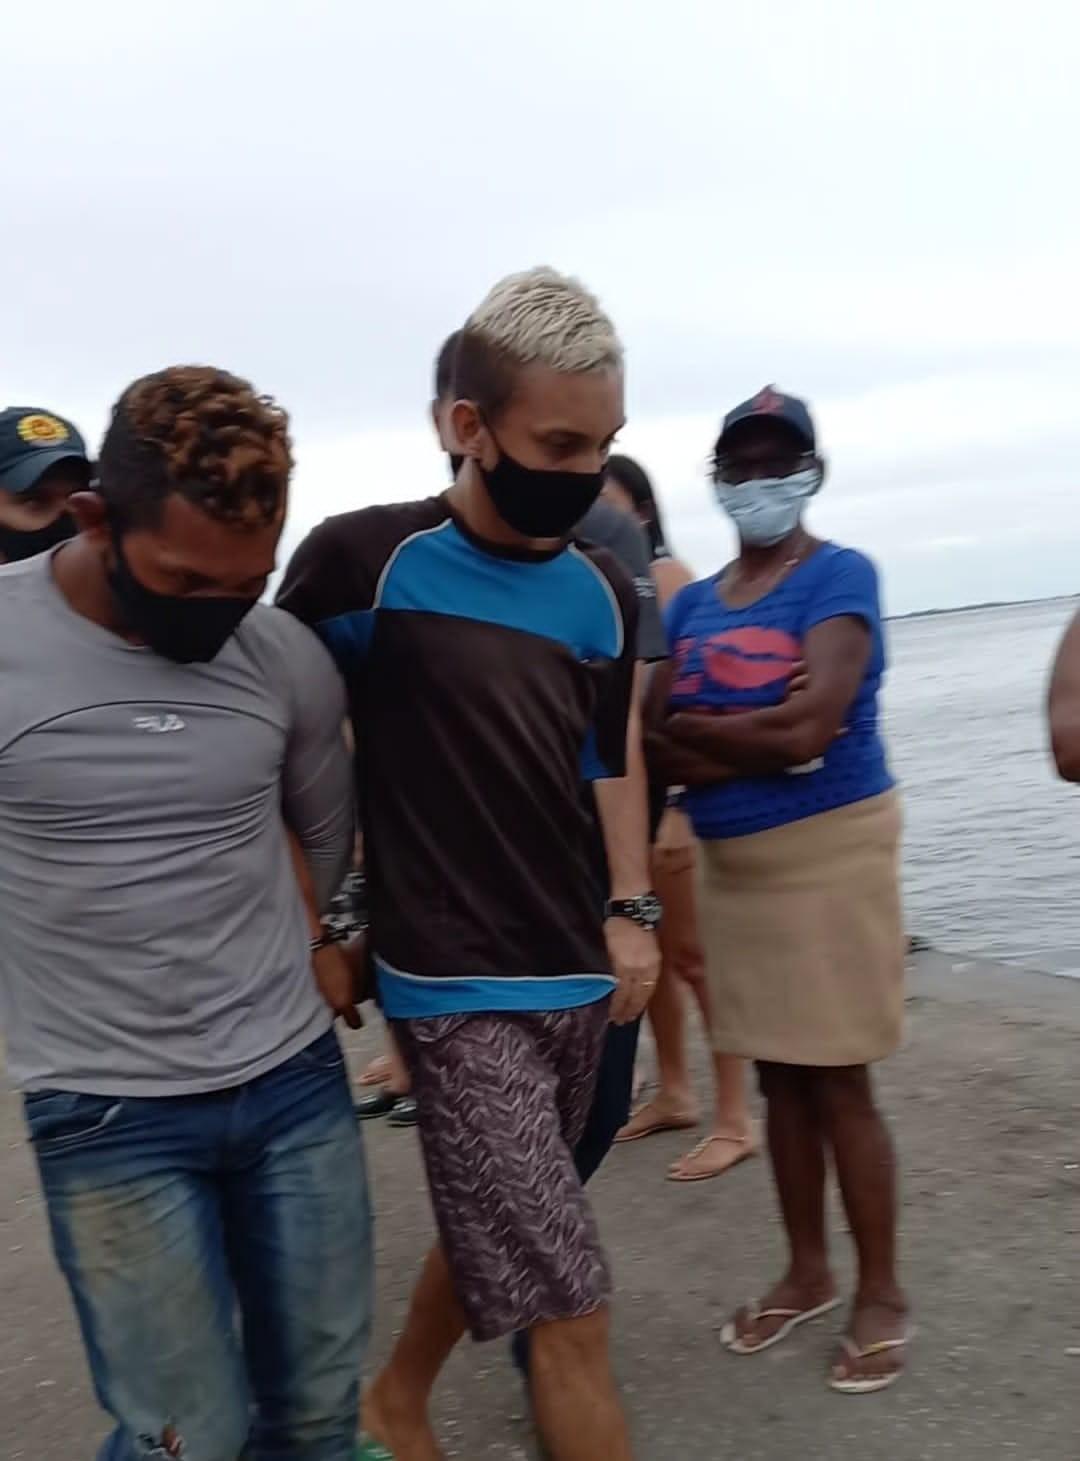 Polícia cumpre mandado de prisão preventiva contra dupla suspeita de matar jovem na comunidade Marajó, em Santarém